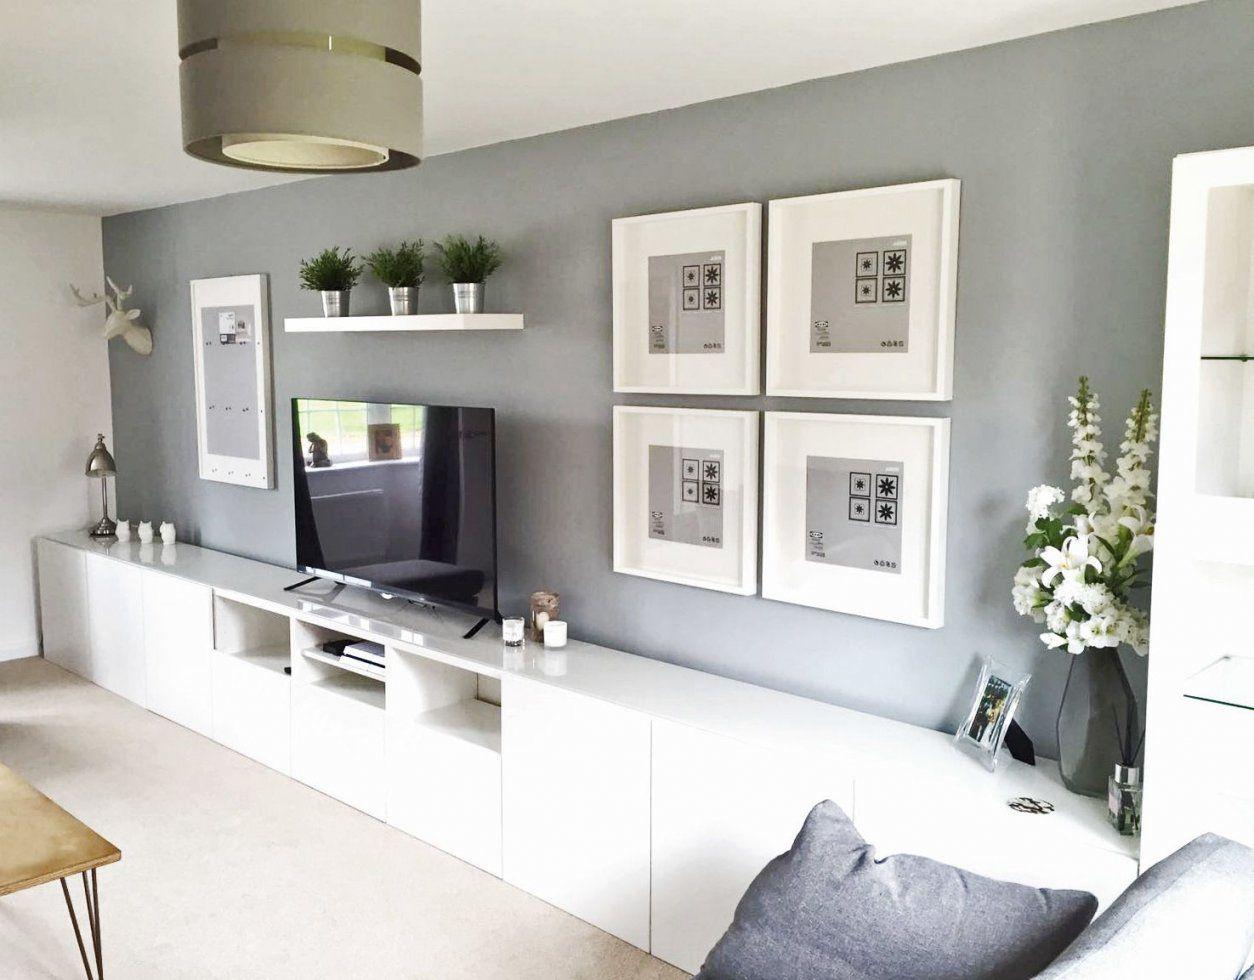 Zimmer Einrichten Mit Ikea Möbeln Die 50 Besten Ideen  Zimmer von Studentenzimmer Einrichten Schöner Wohnen Bild